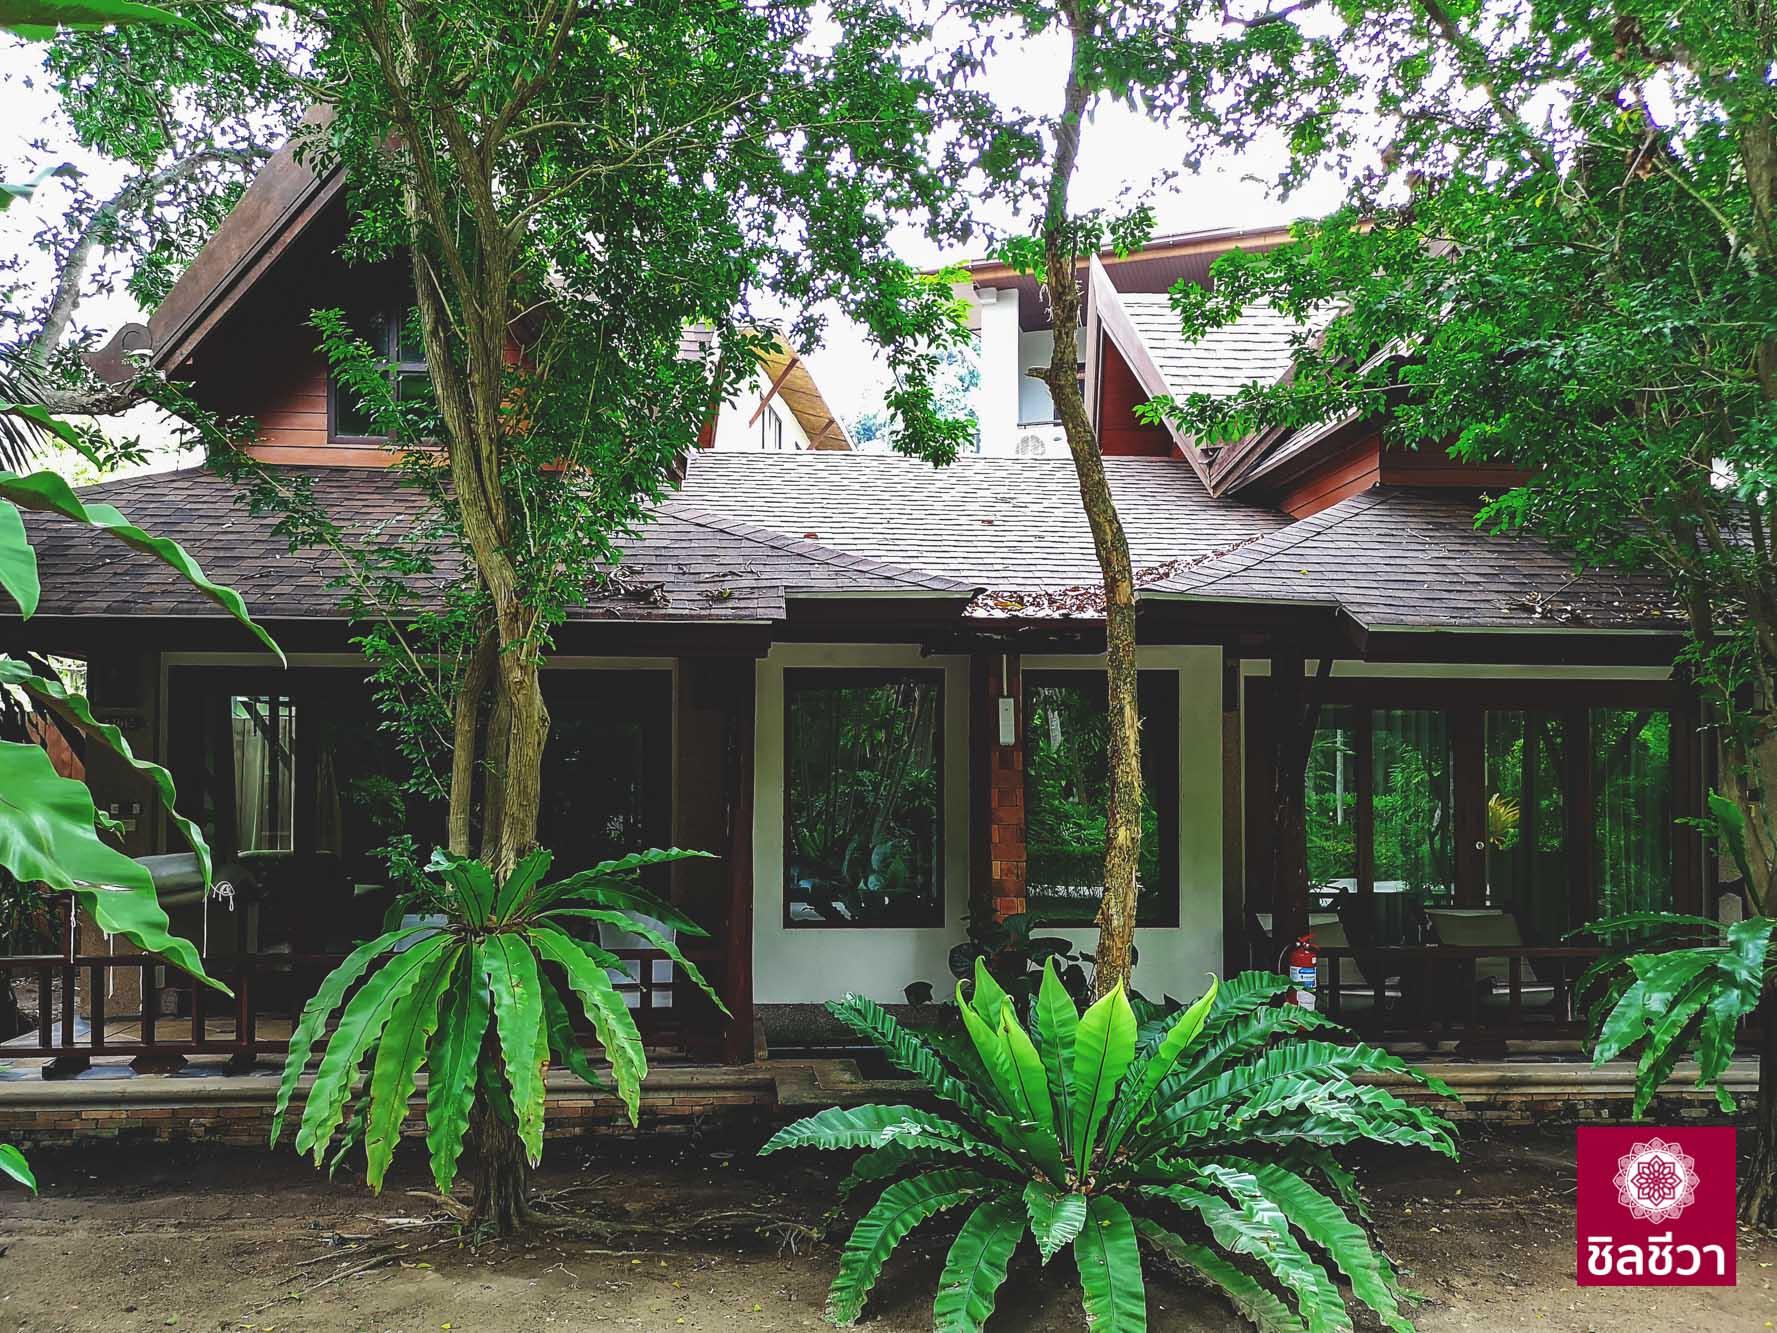 ซันไรท์ ทรอปิคอล รีสอร์ท (Sunrise Tropical Resort) ไร่เลย์ กระบี่  ซันไรท์ ทรอปิคอล รีสอร์ท รีสอร์ทงามๆ บนเกาะไร่เลย์ กระบี่ IMG 20181010 165854